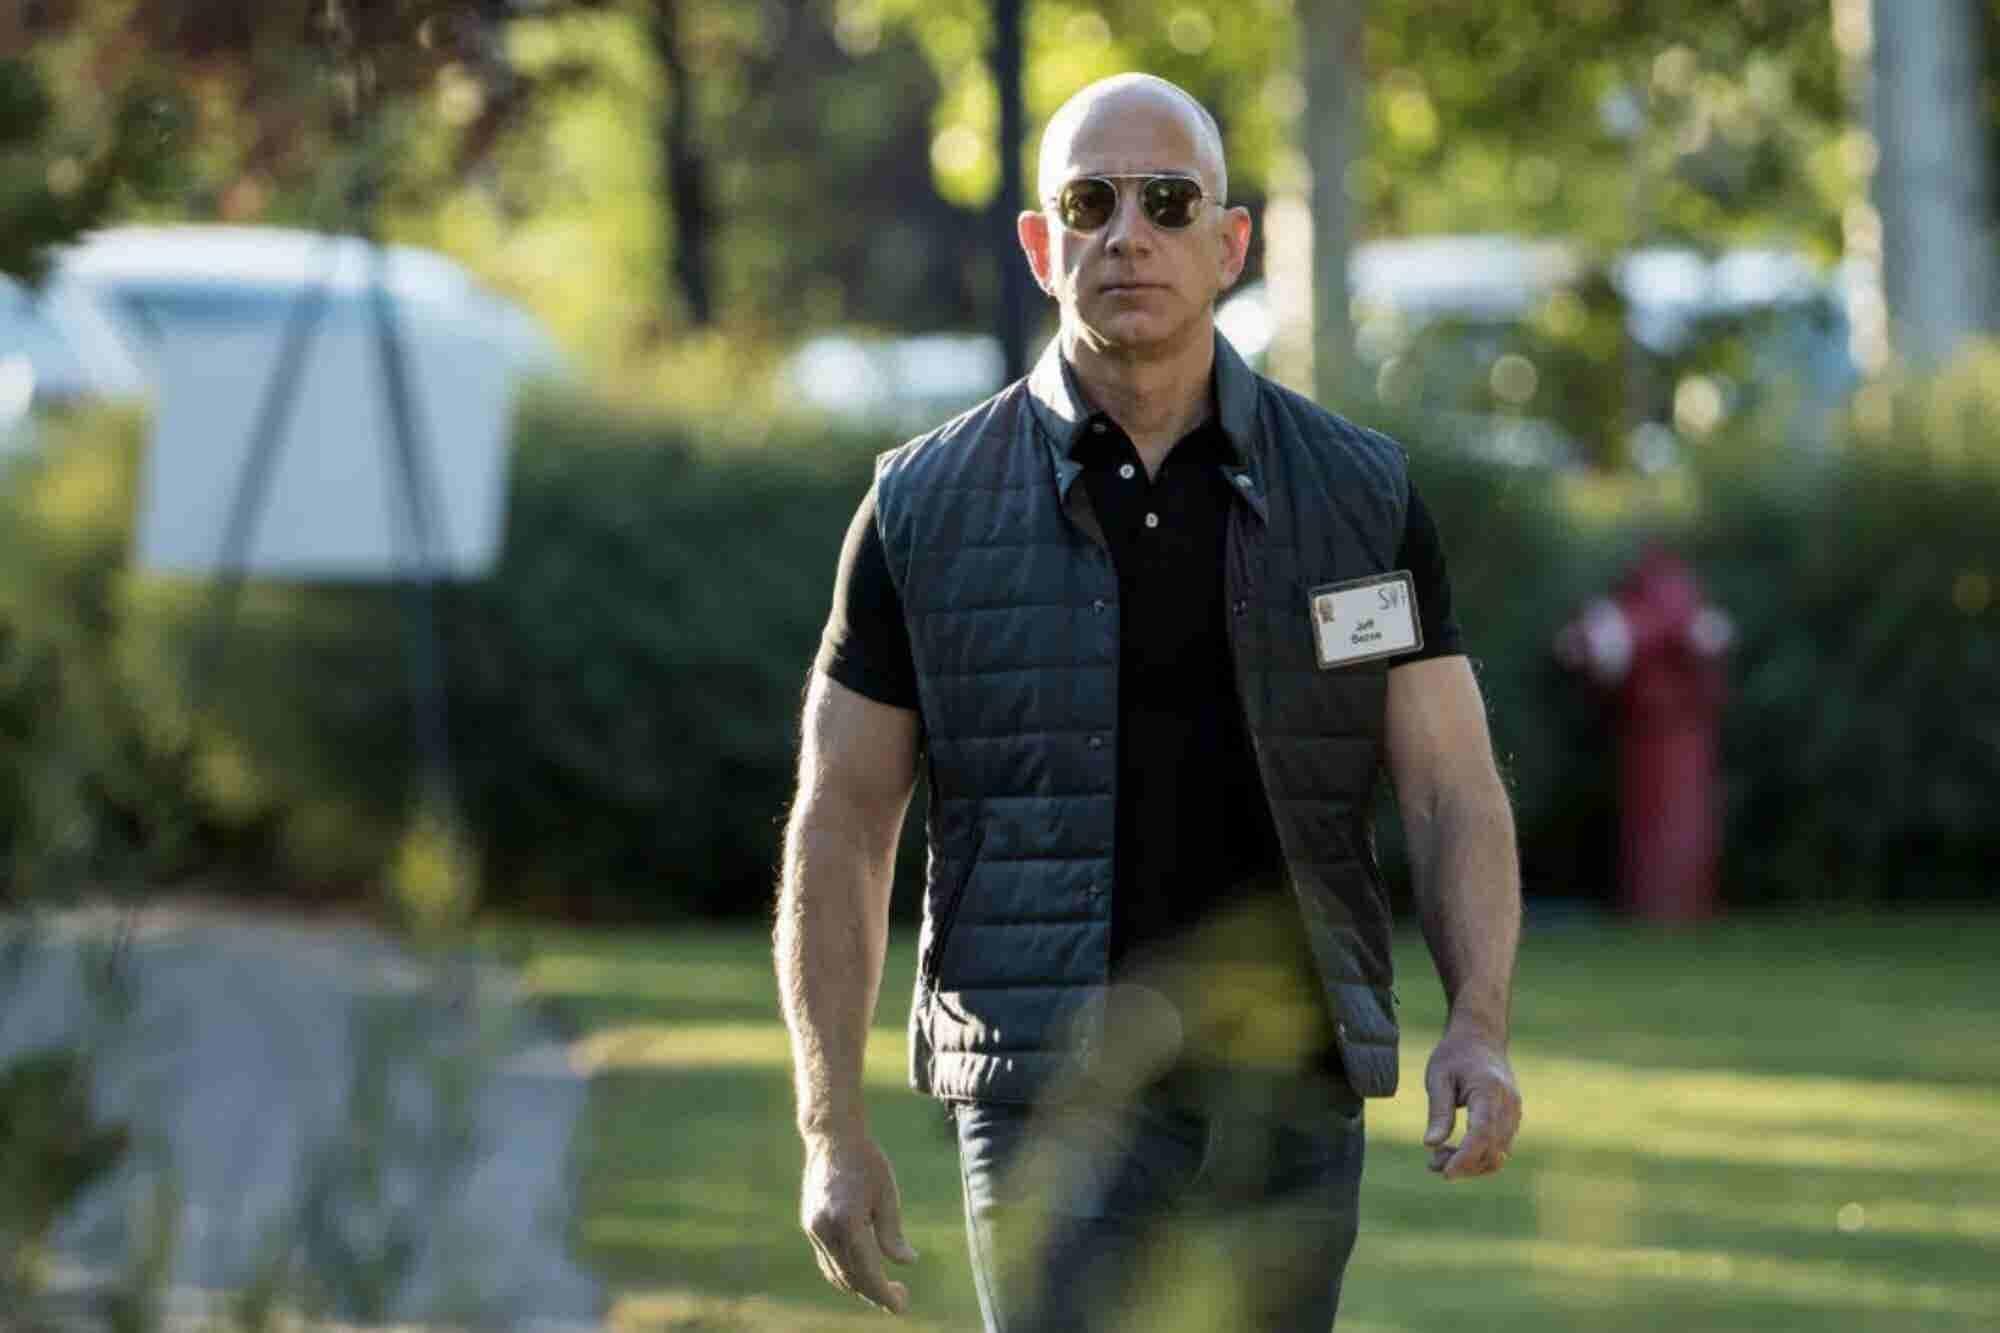 Conoce el horario diario de Jeff Bezos, Elon Musk, Oprah Winfrey y otros multimillonarios famosos